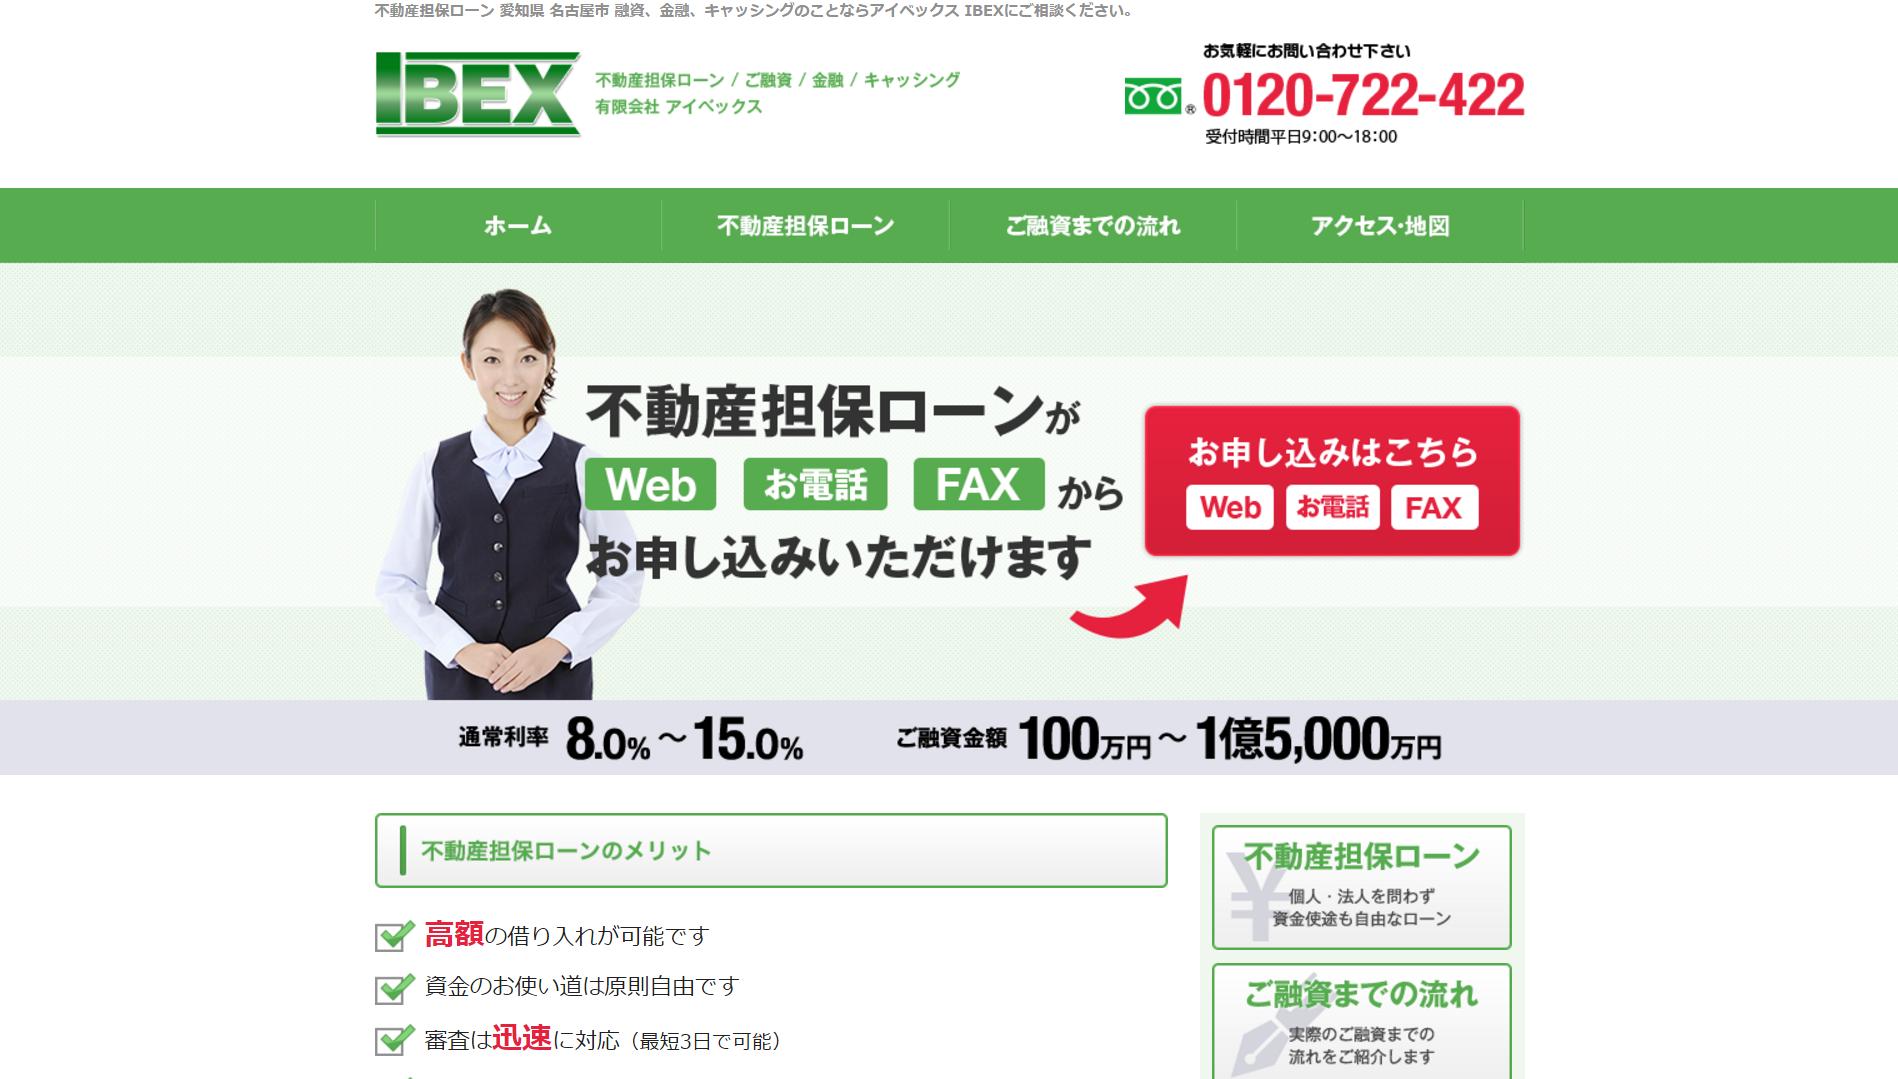 アイベックス(愛知県名古屋市東区)